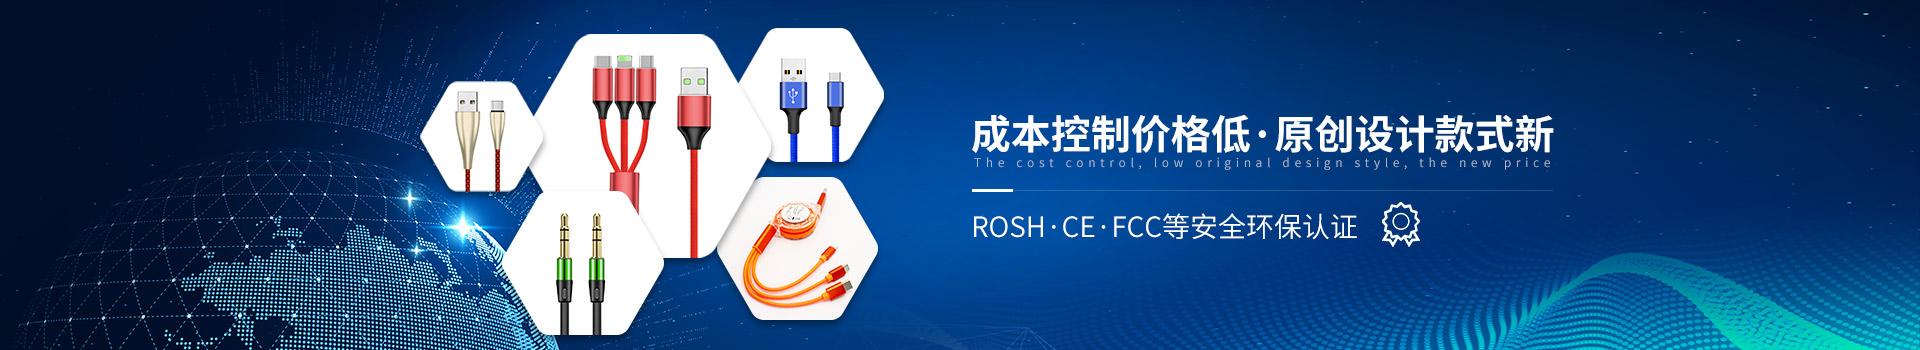 联鑫德诚荣获ROSH/CE/FCC等安全环保认证